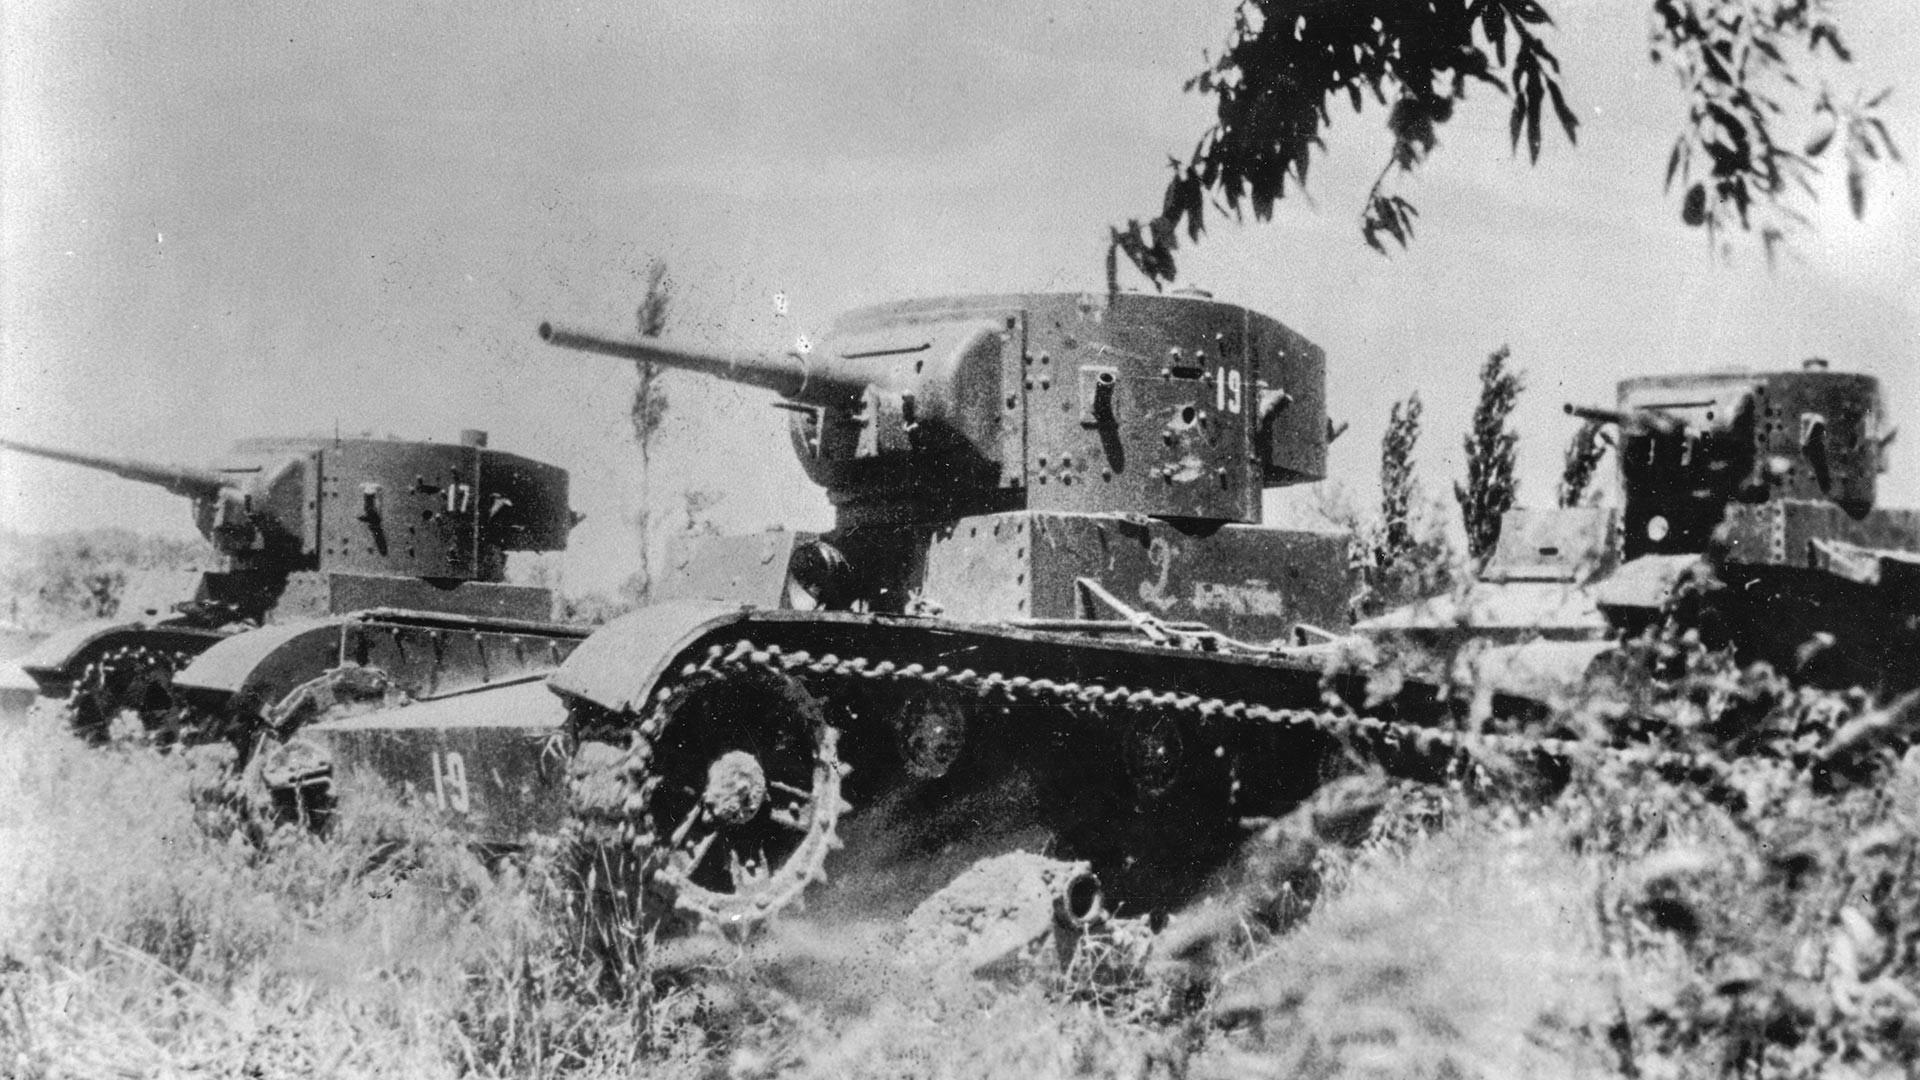 Carri armati leggeri da supporto alla fanteria T-26 di produzione sovietica in Spagna